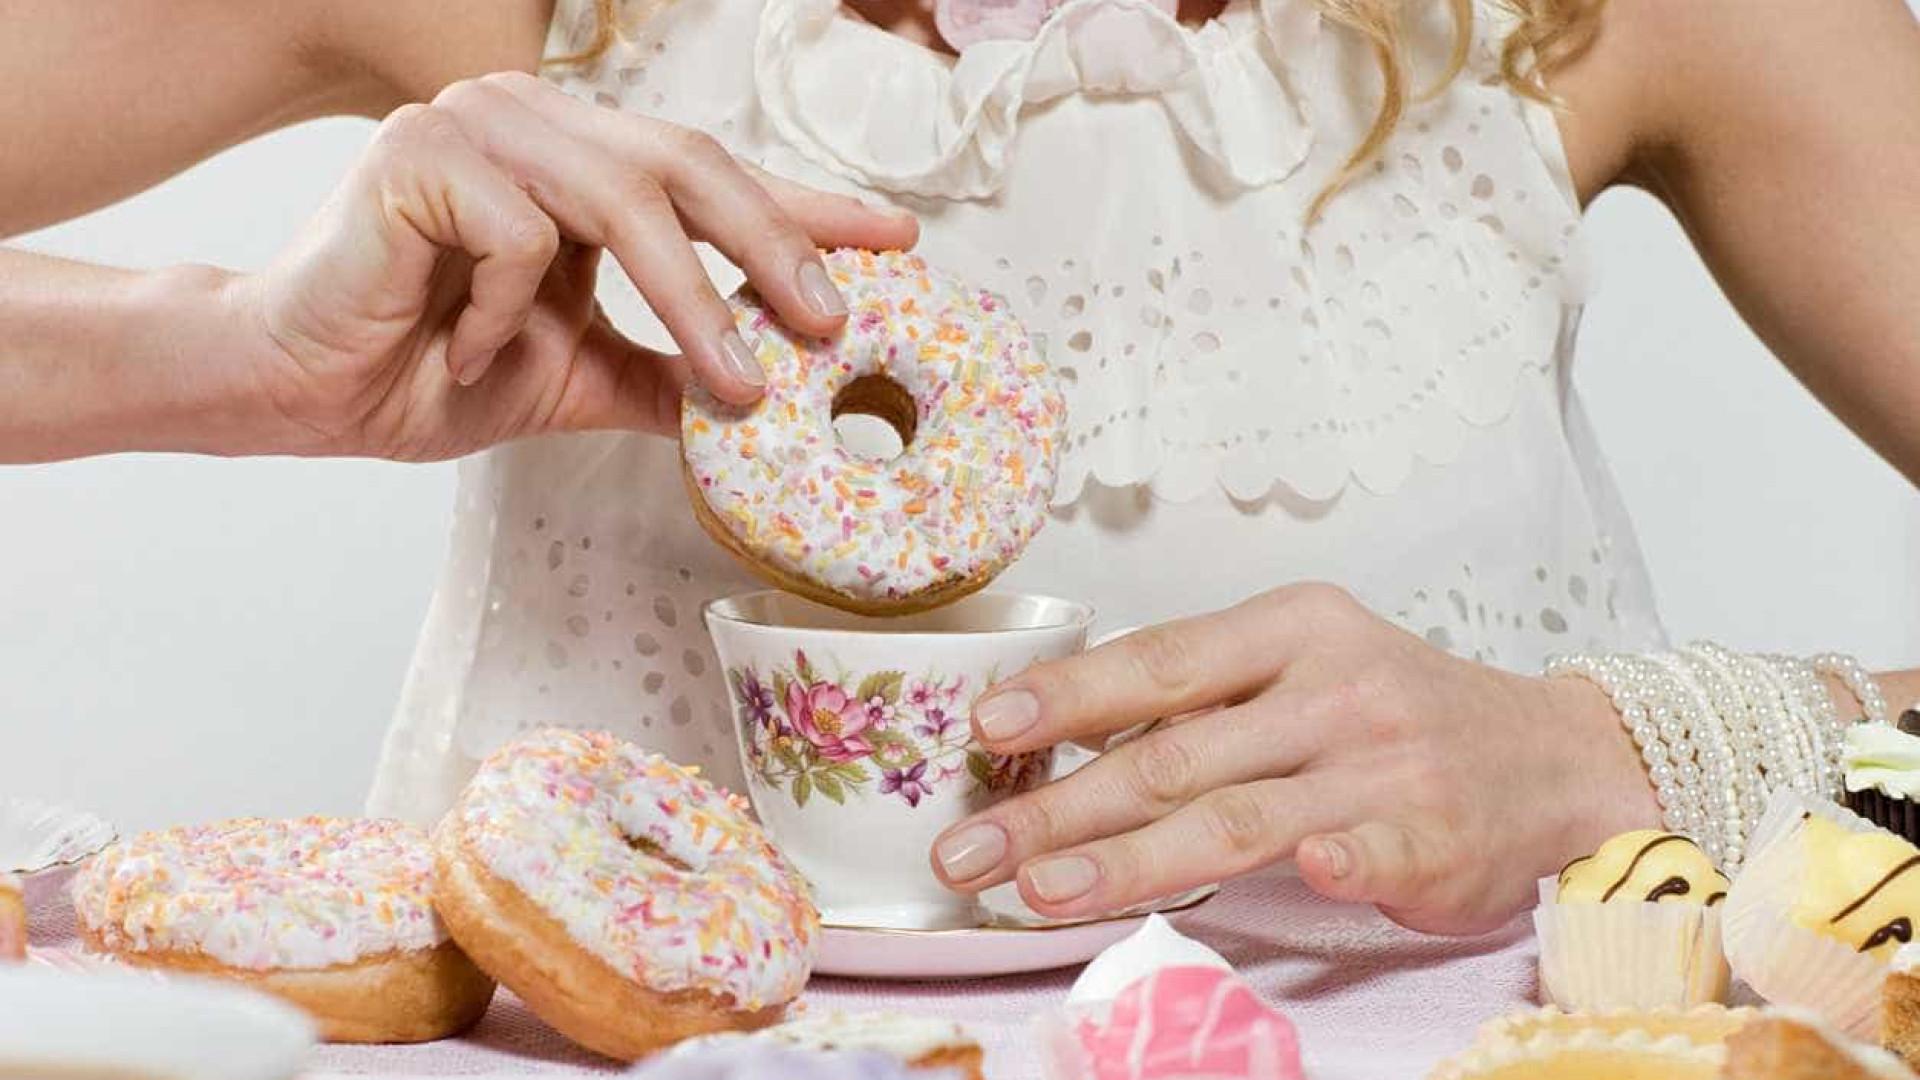 Estes 16 alimentos prometem acabar com o desejo por açúcar